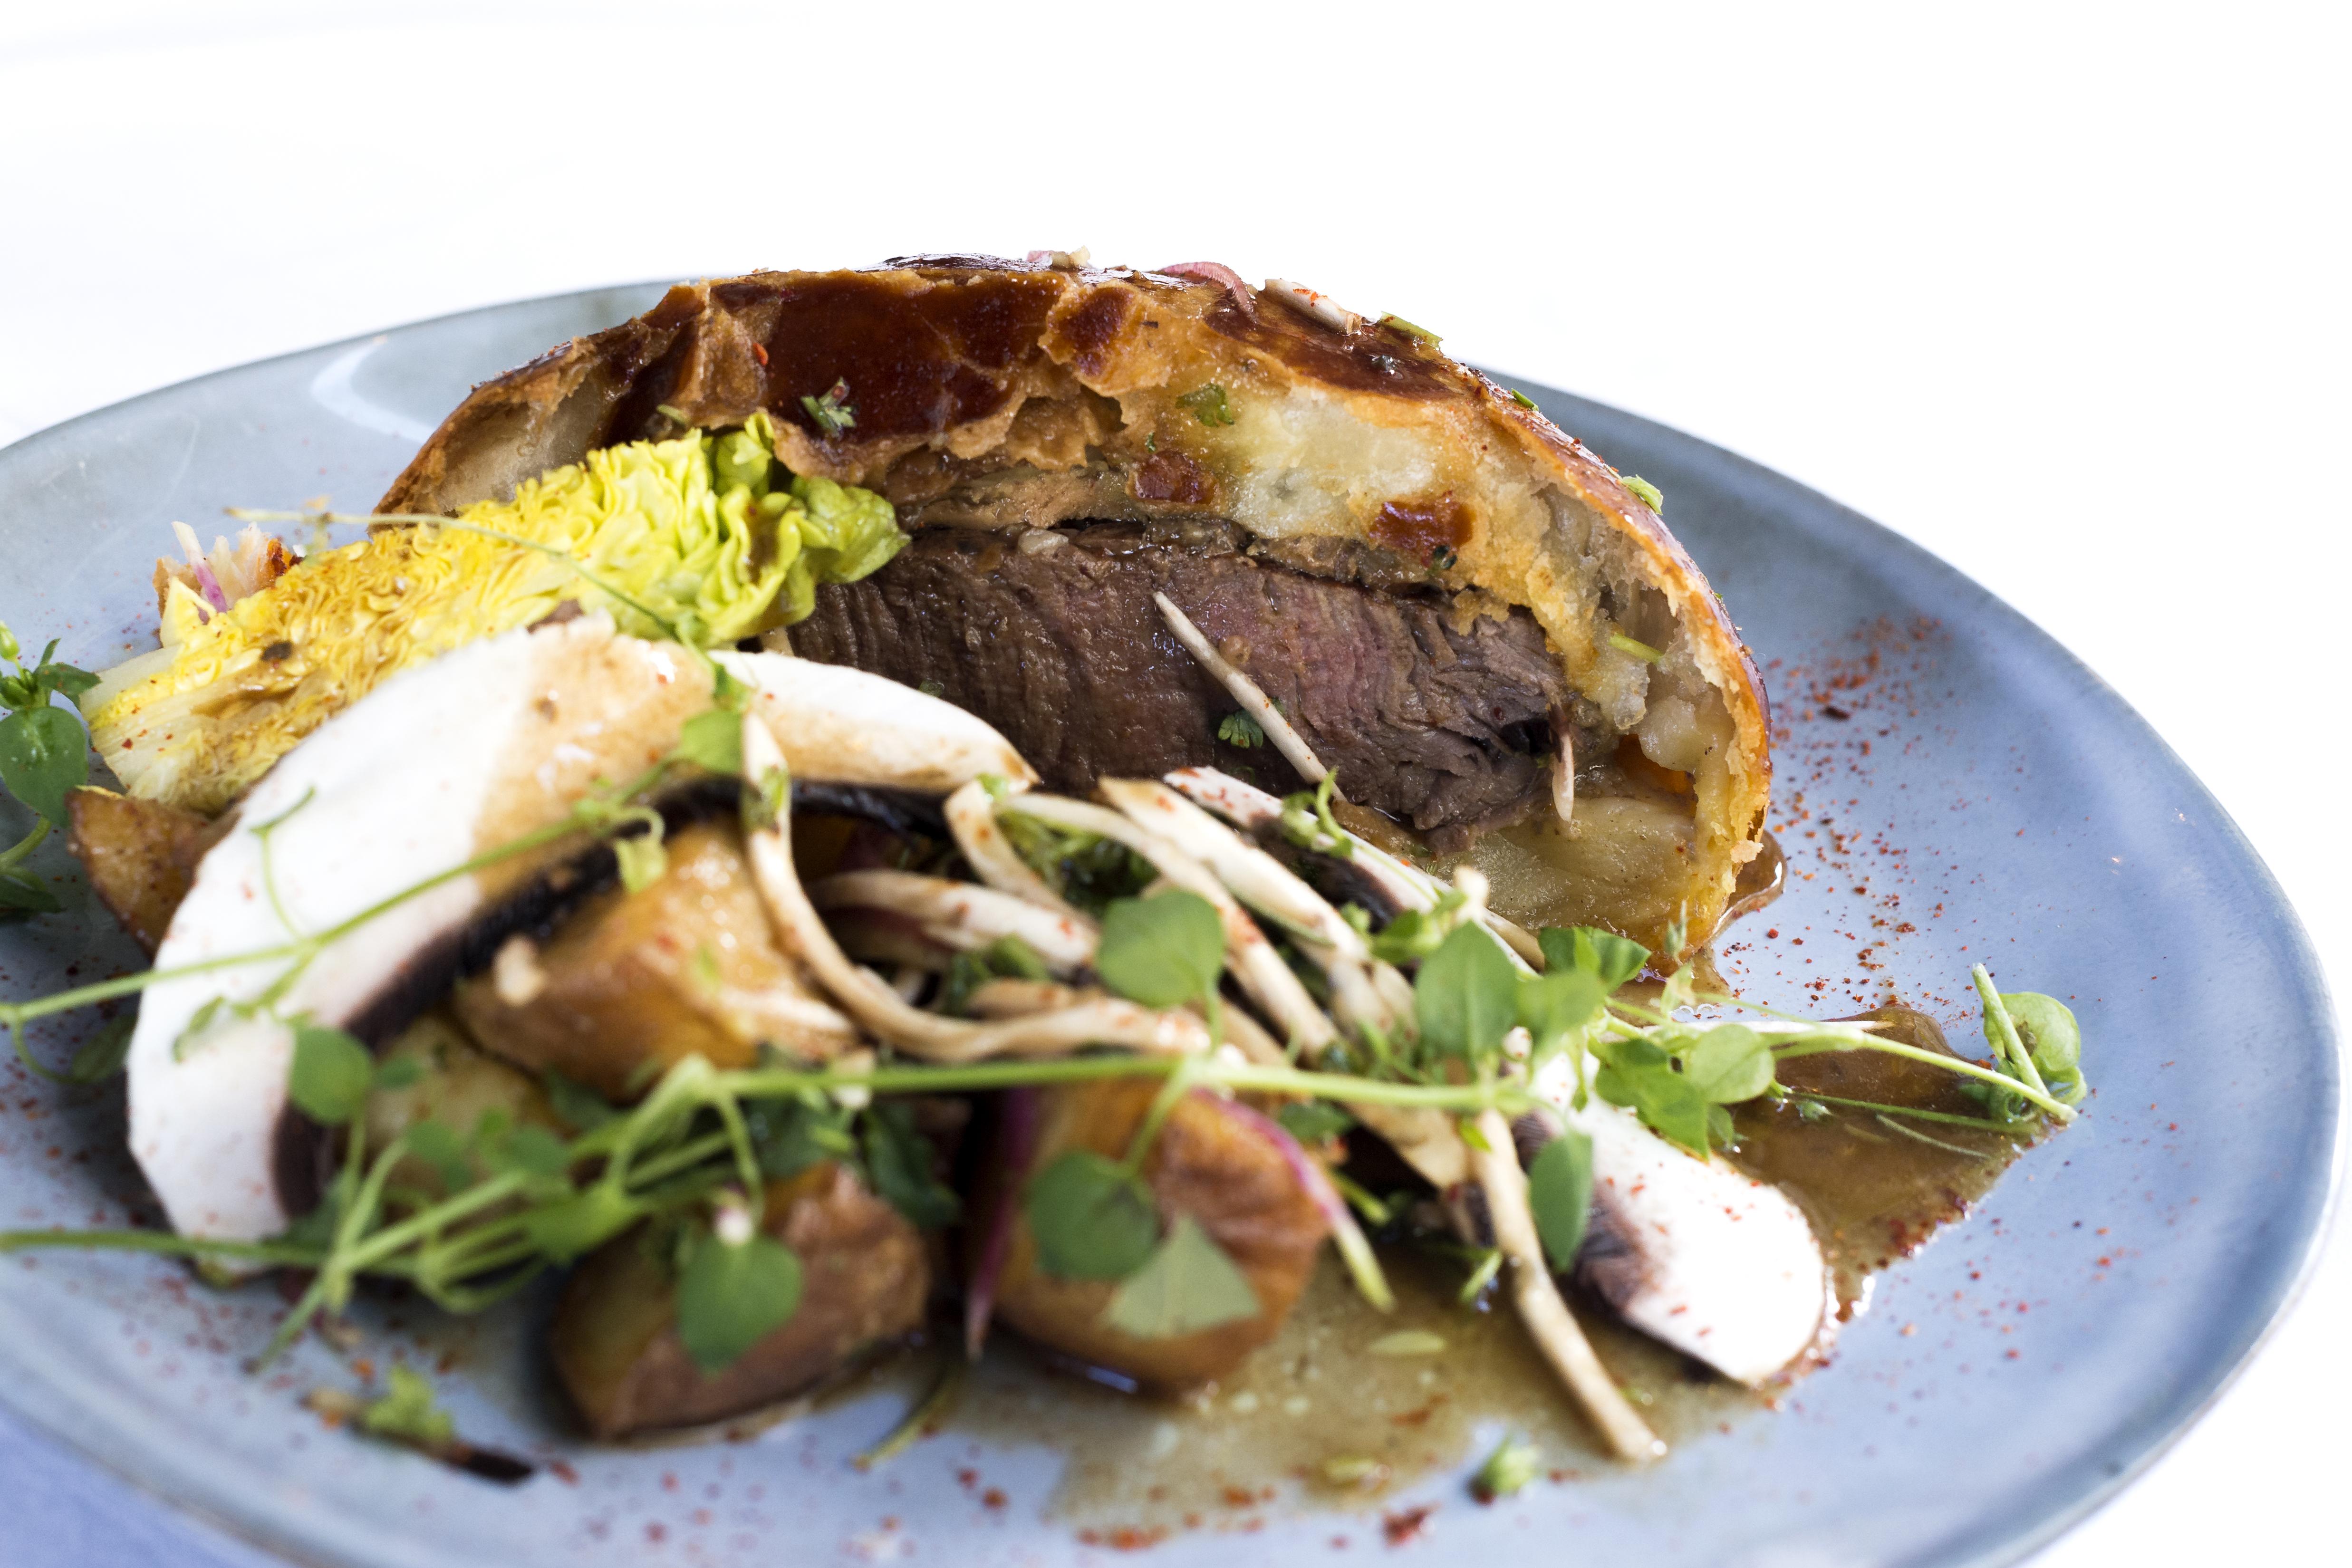 Le Boeuf Wellington - pave de boeuf, épinards cuit, champignons de Paris (ail /persil/cerfeuil), foie gras, pate feuillette © Hannah Assouline